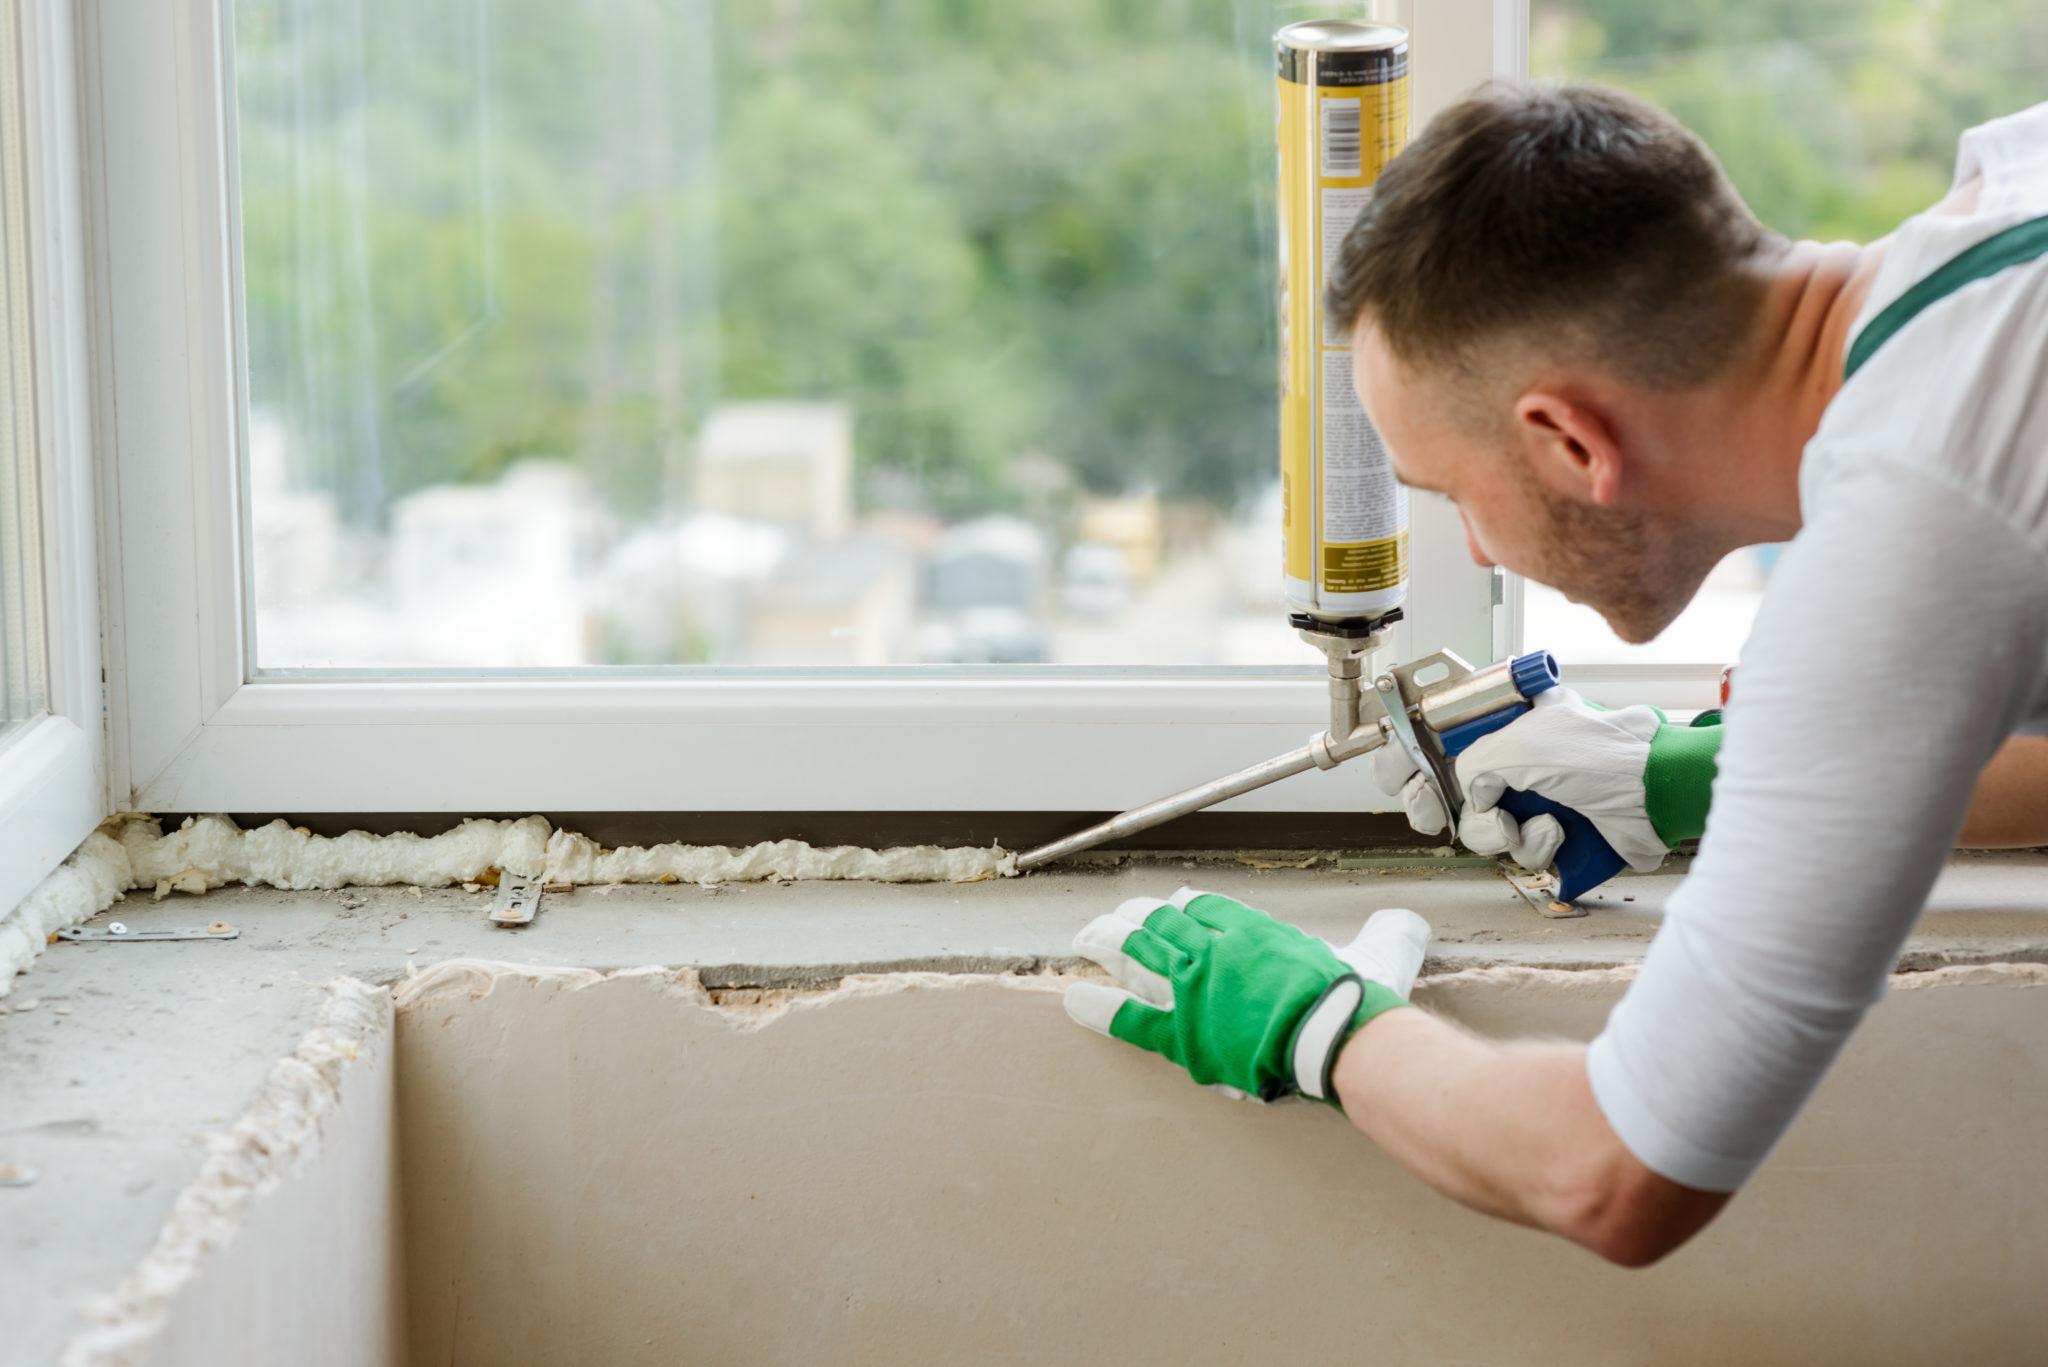 Ein Arbeiter dichtet ein Fenster mit Polyurethan-Schaum ab.